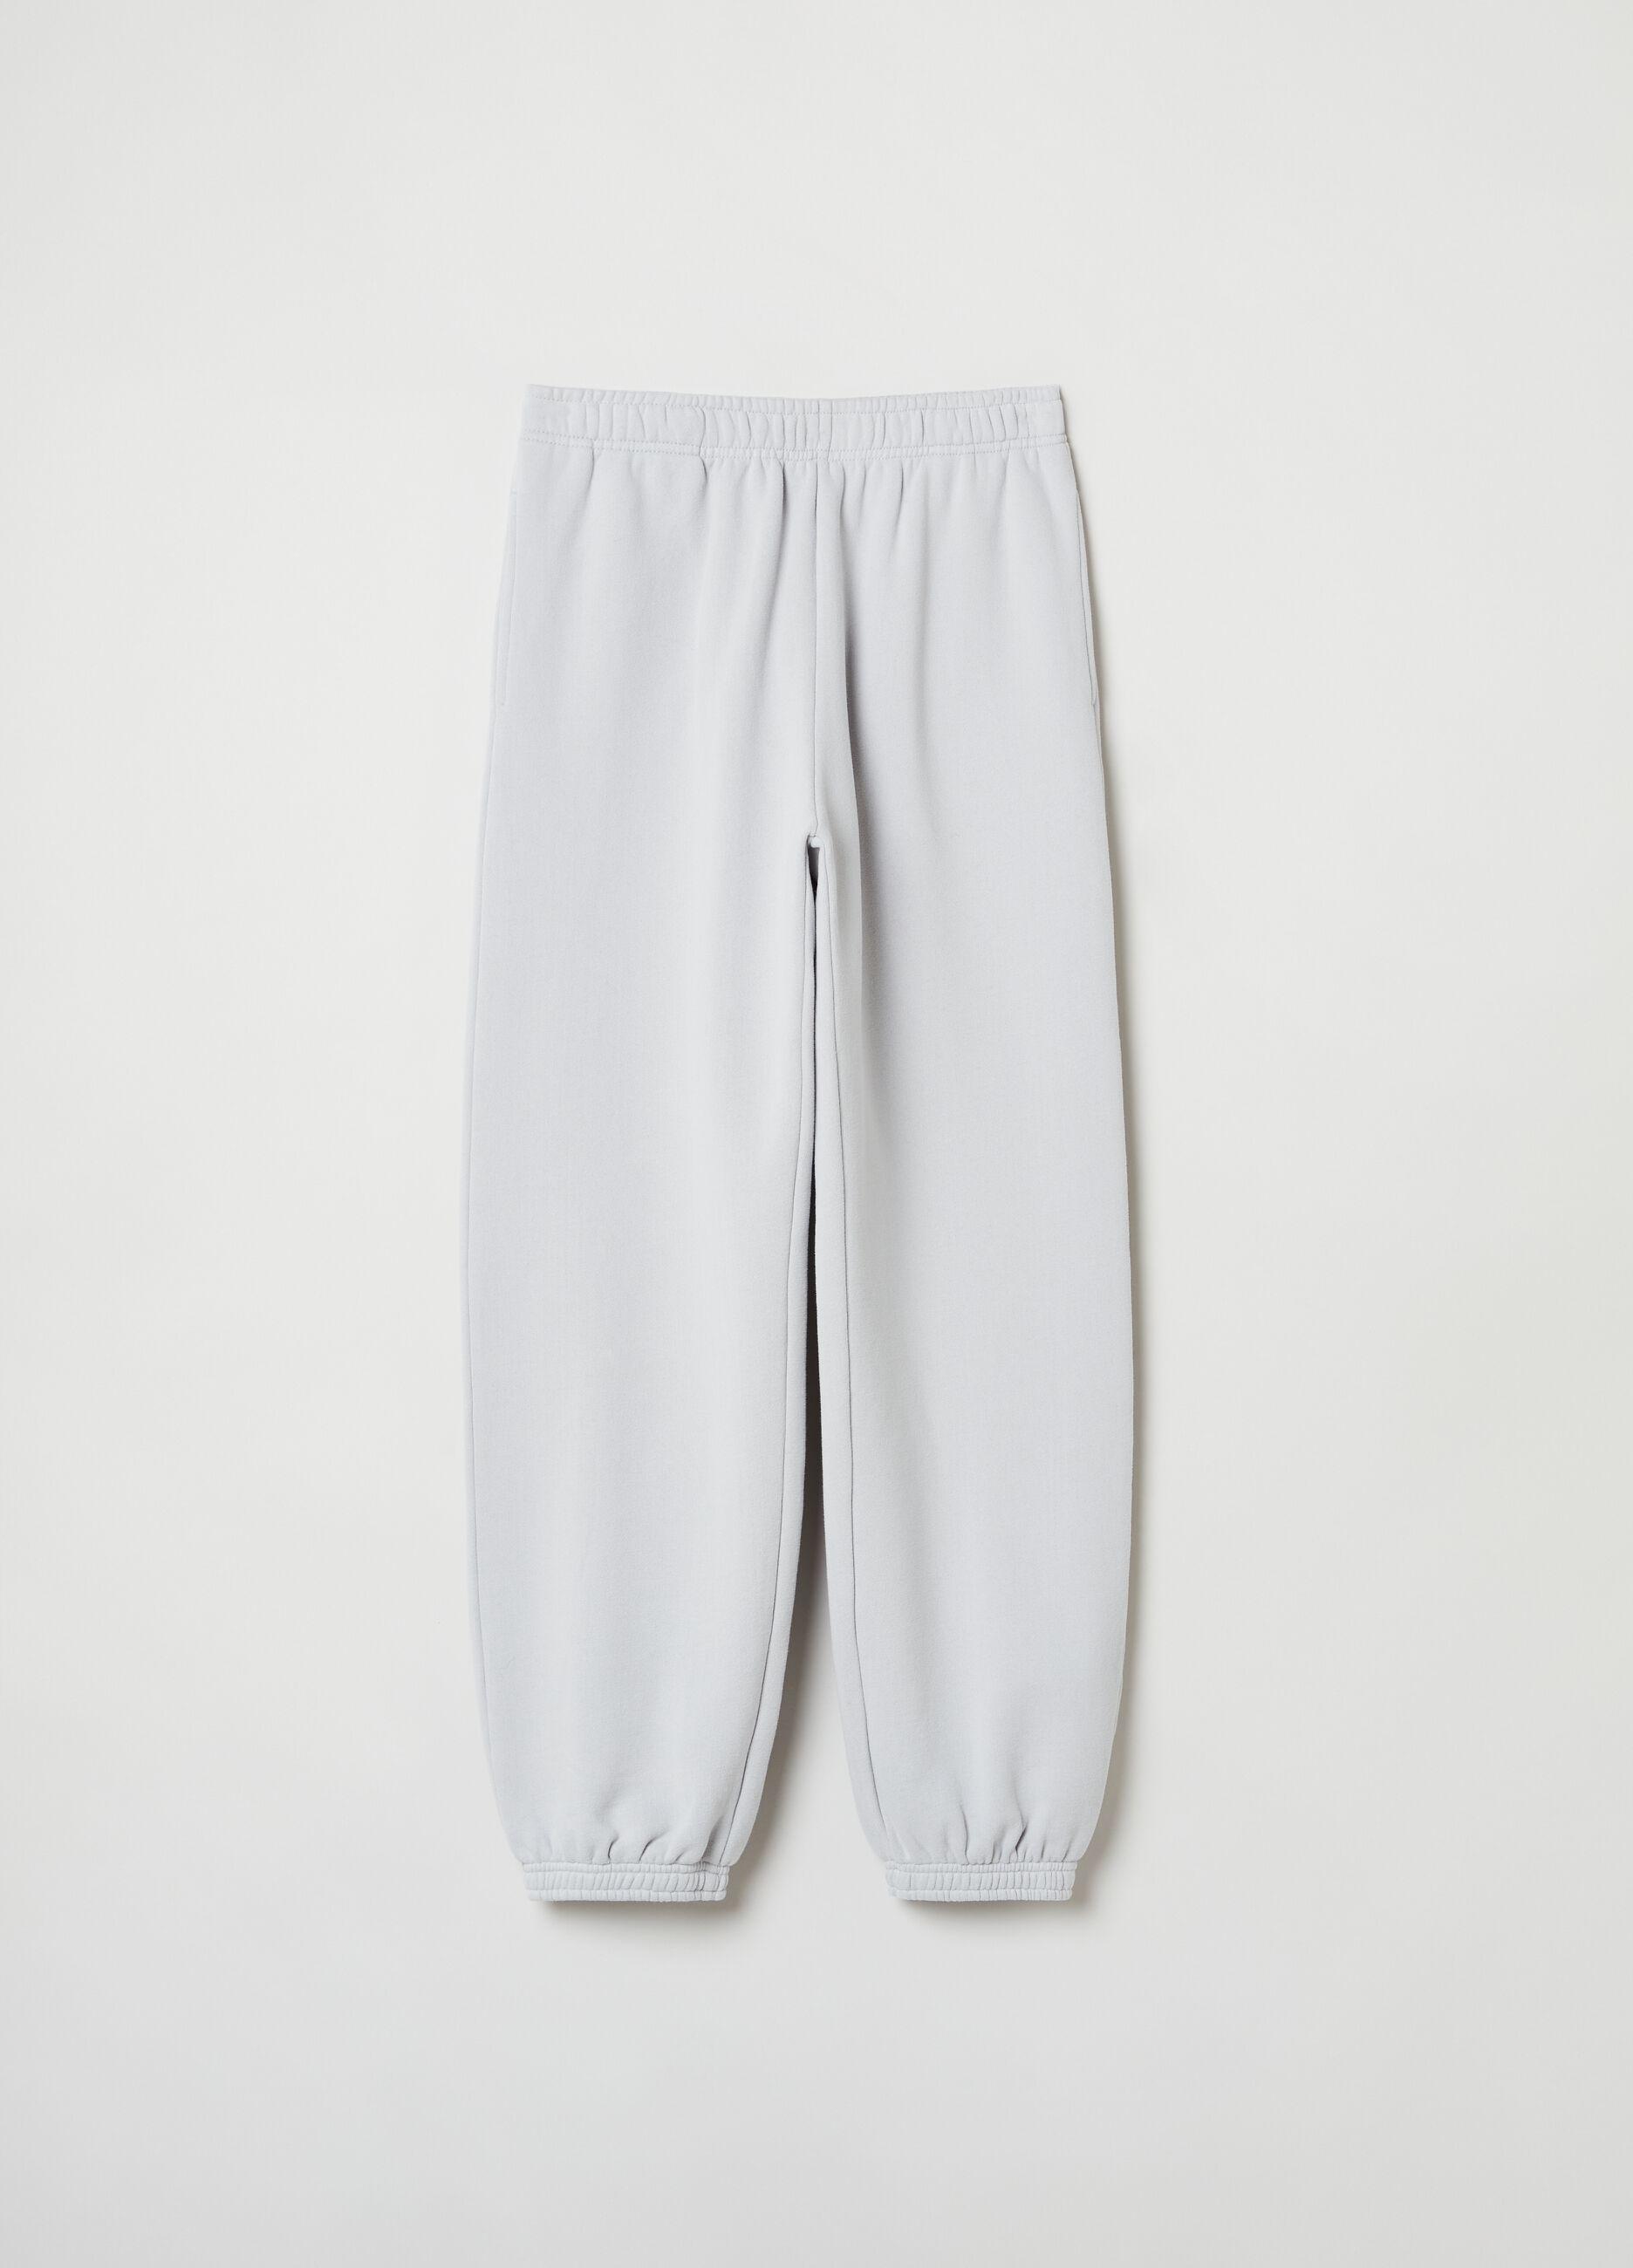 Pantalone jogging in felpa Grigio